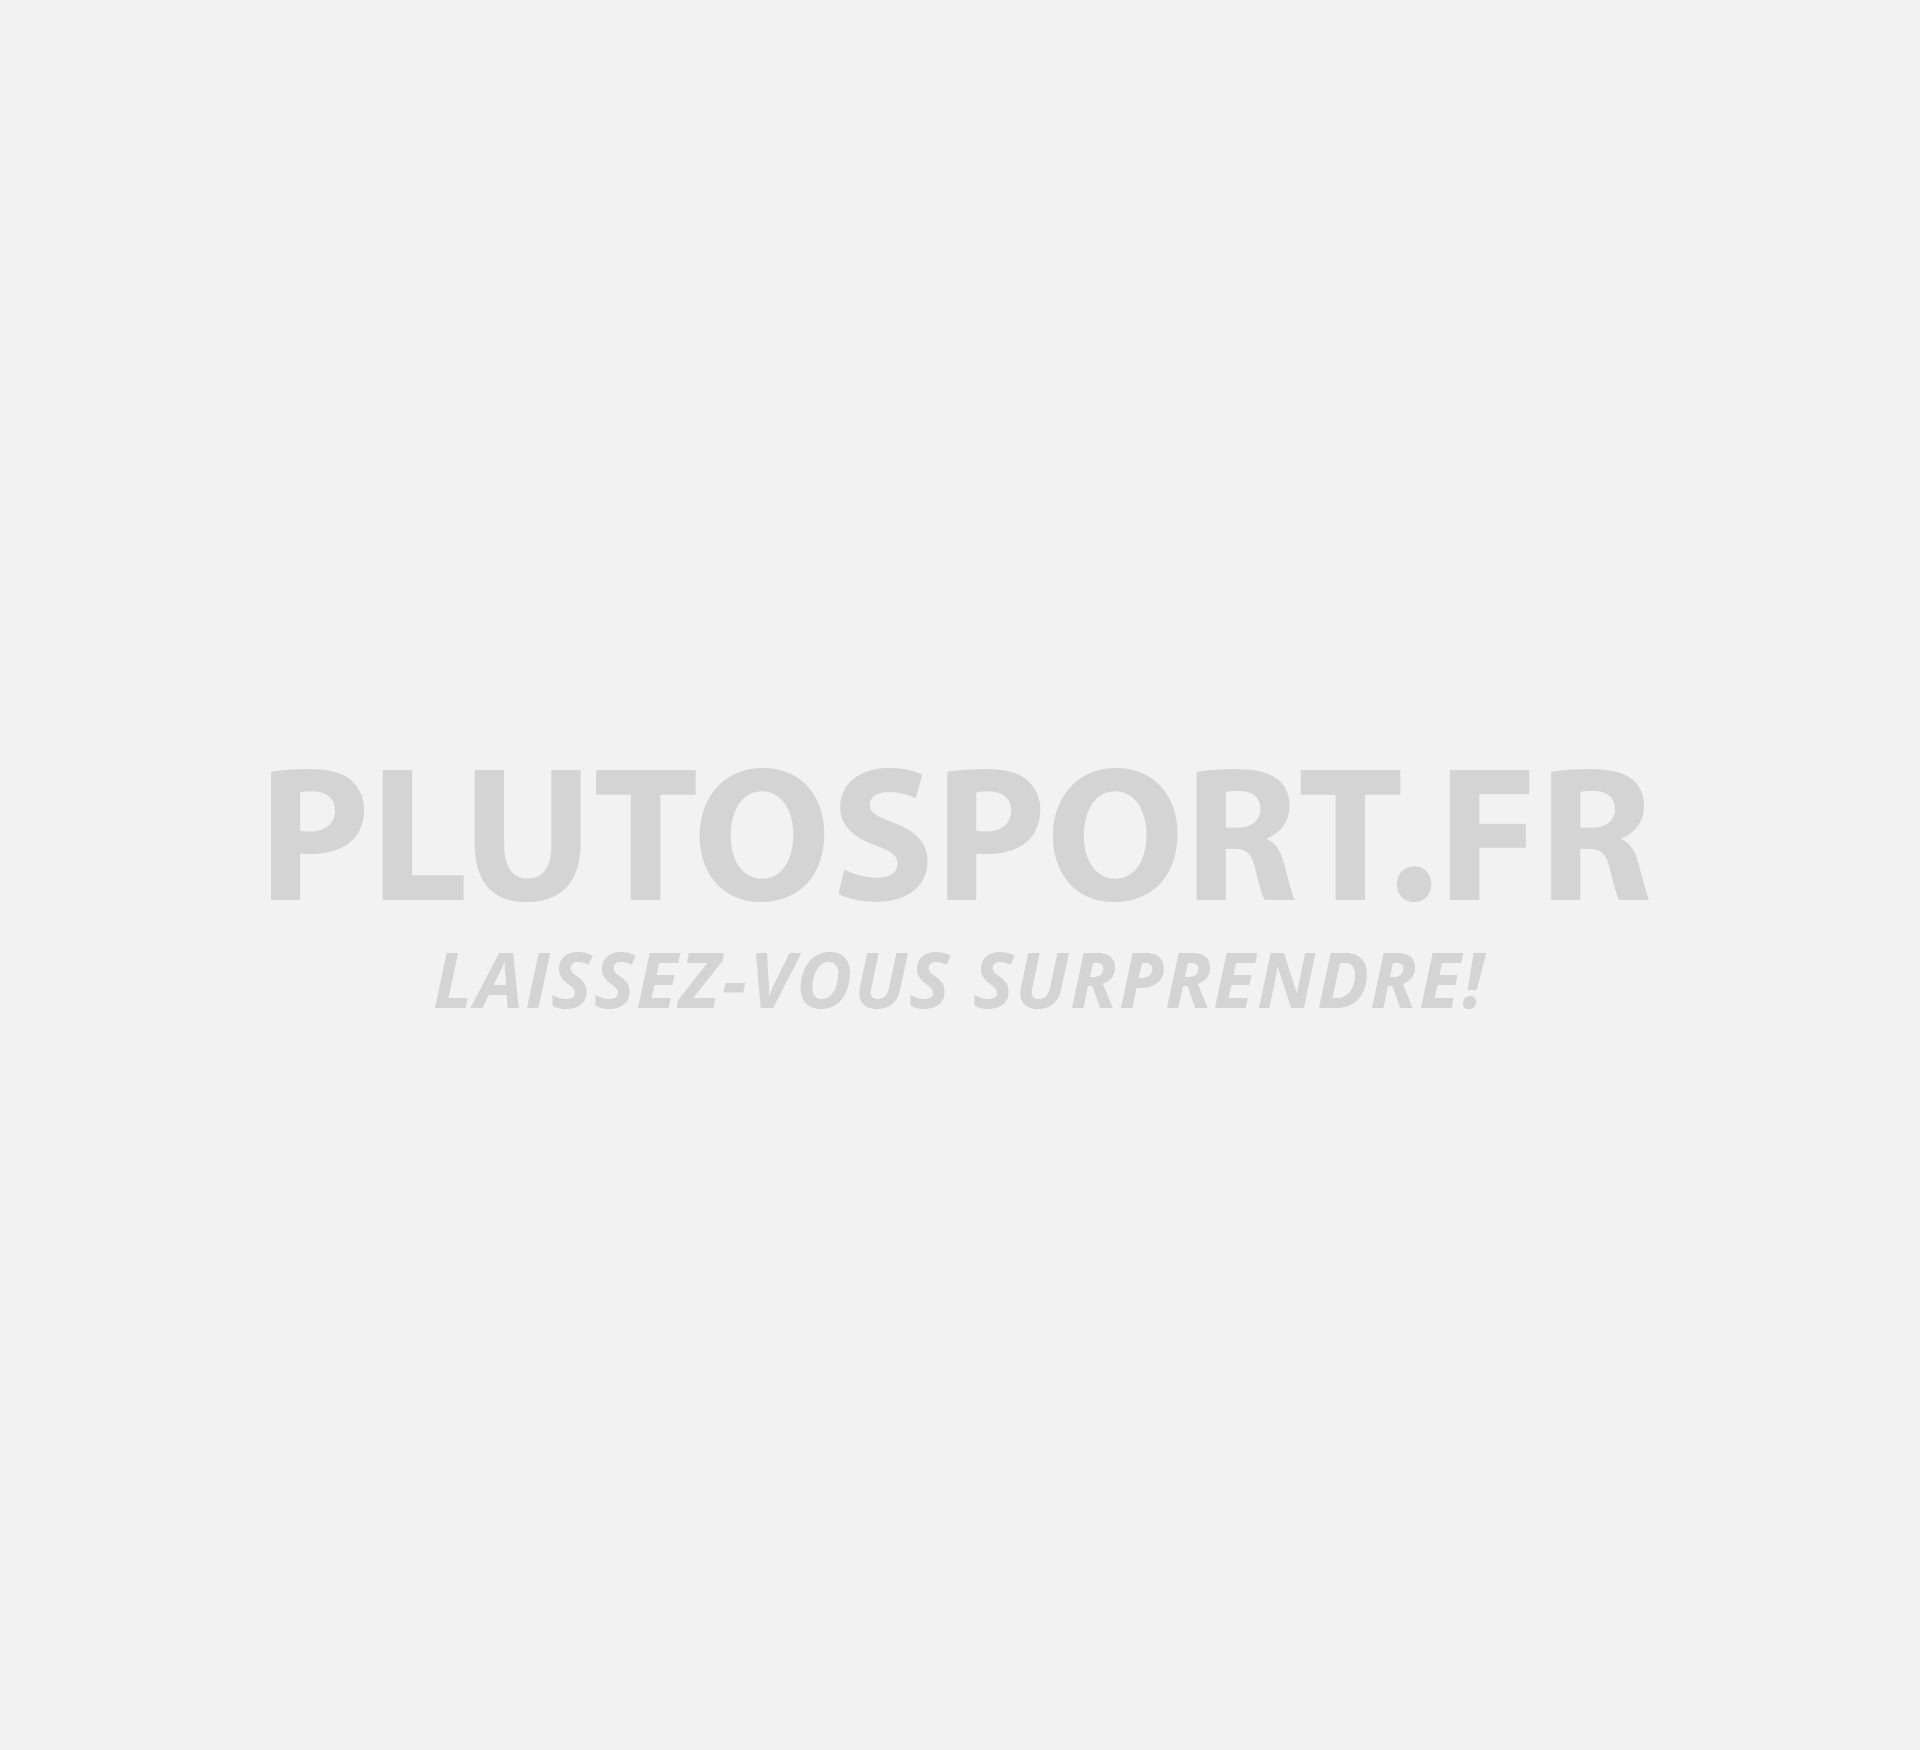 La chaussure de tennis pour fwemmes Asics Gel-Resolution Clay 7